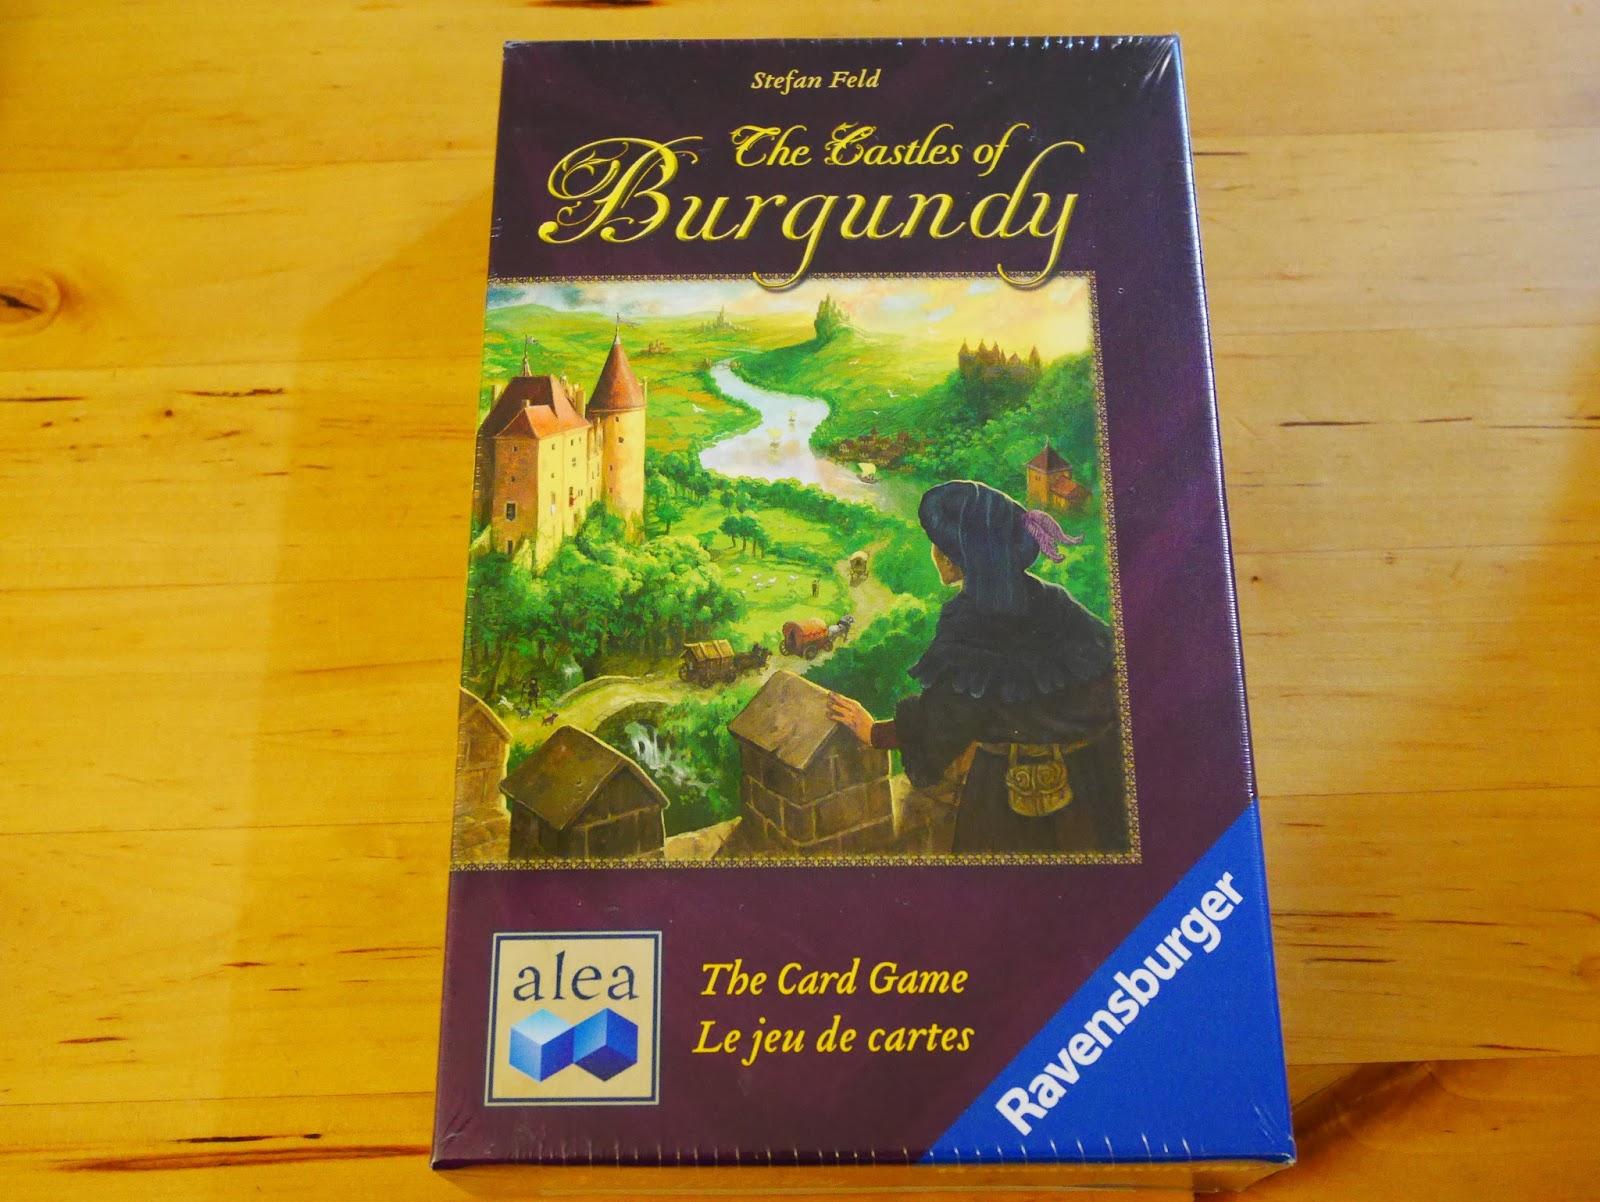 勃根地城堡卡牌版 The Castles of Burgundy: The Card Game 開箱 心得 | 一起聊桌遊!!!